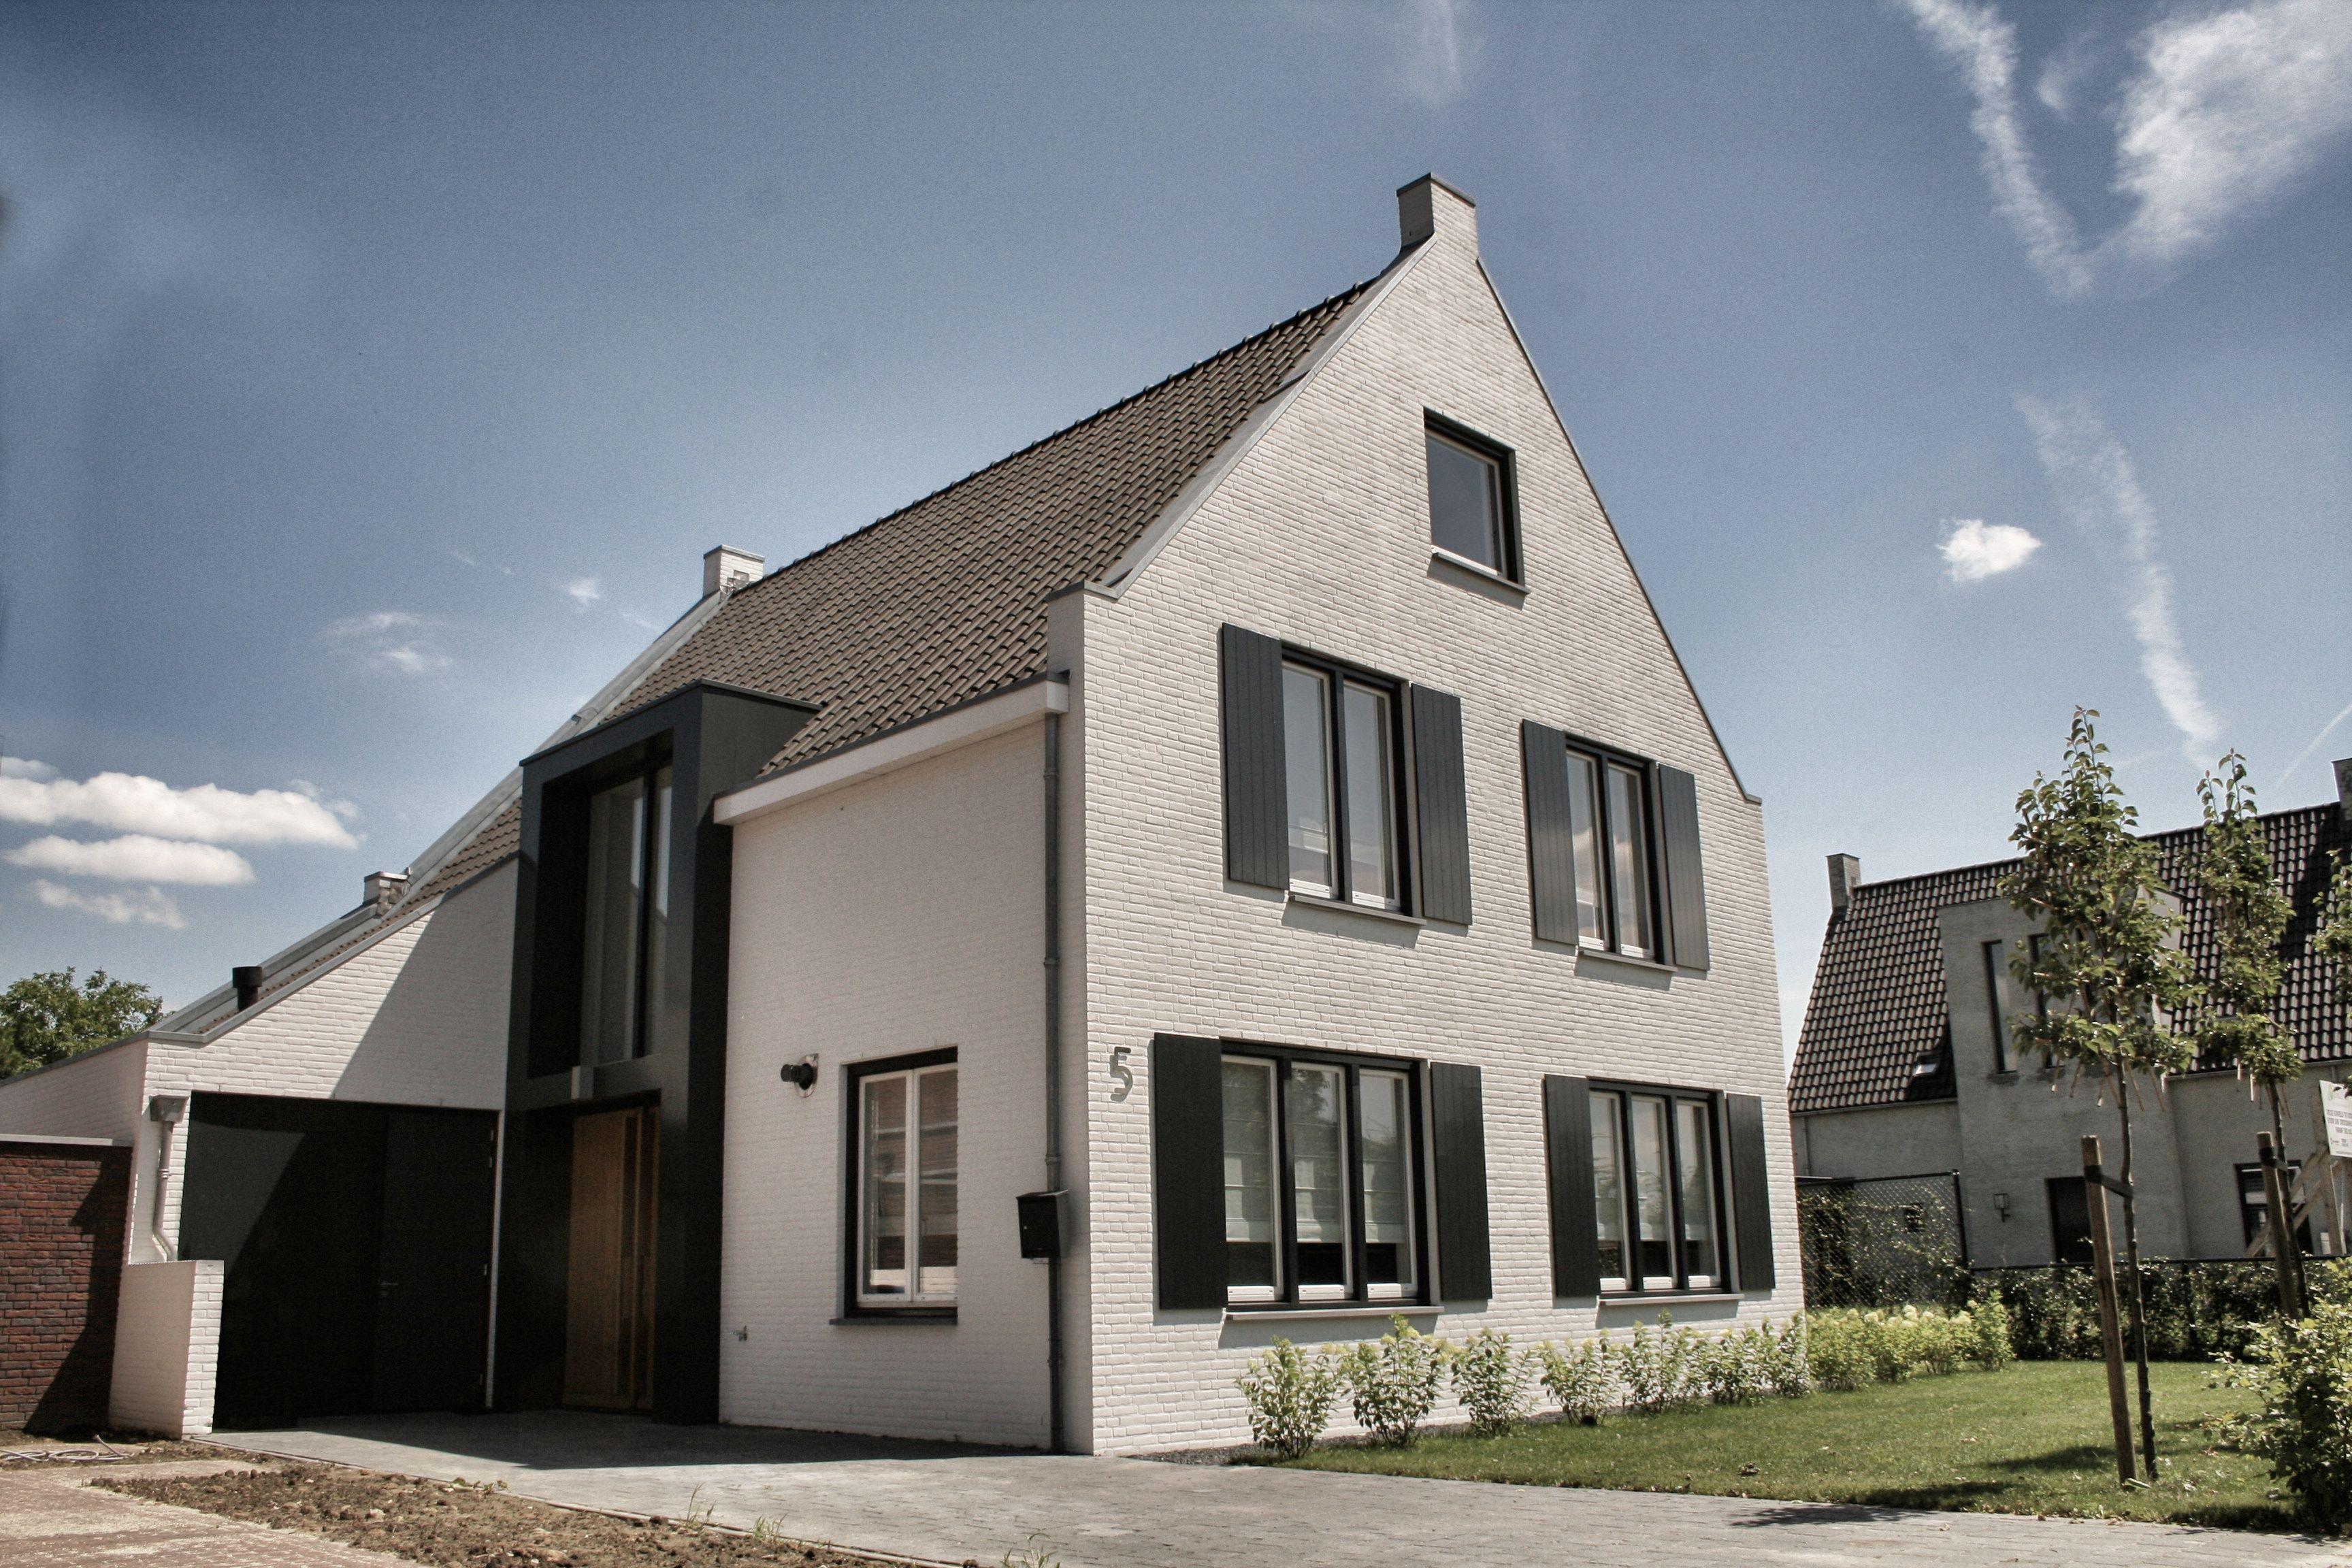 2013 akelei berkel enschot nieuwbouw landelijk for Kleine huizen bouwen